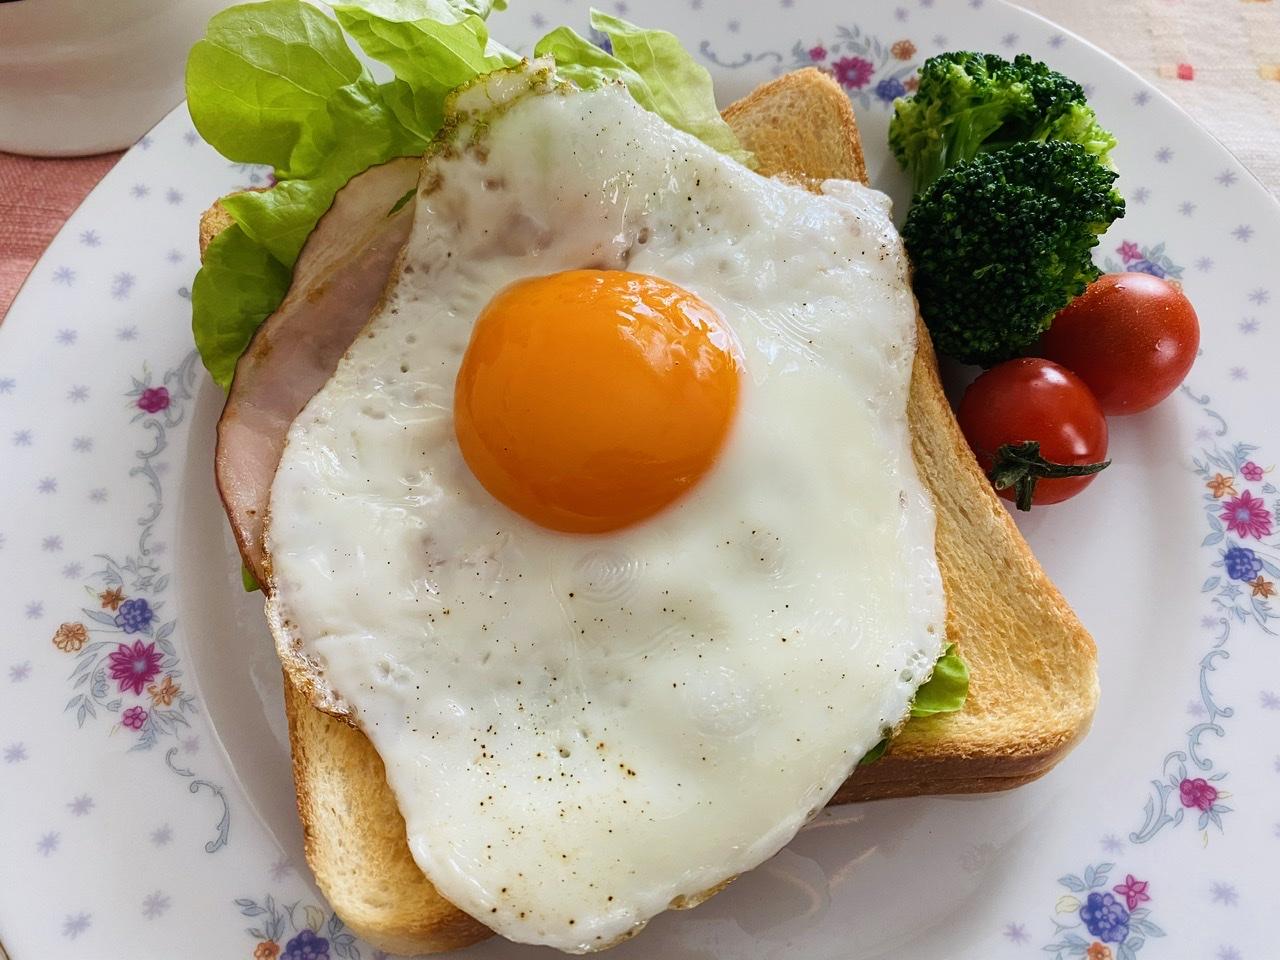 【おうち時間】簡単なのに絶品!《アレンジトースト》の人気レシピを実践してみた♡_4